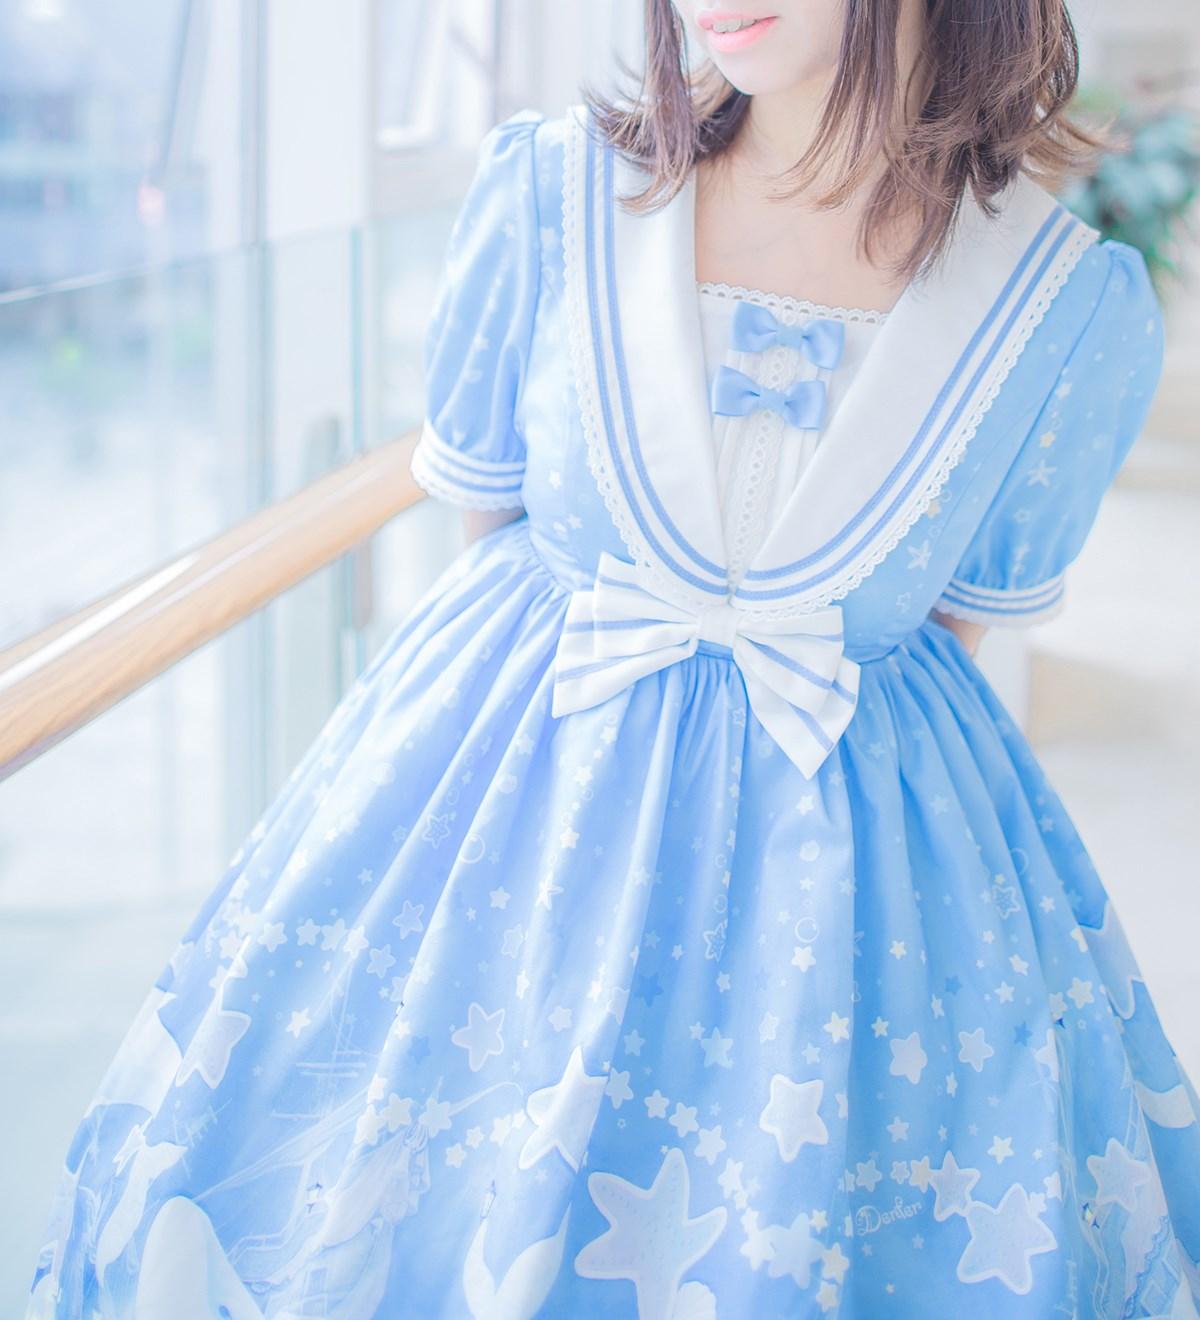 【兔玩映画】蓝色的LO娘 兔玩映画 第5张